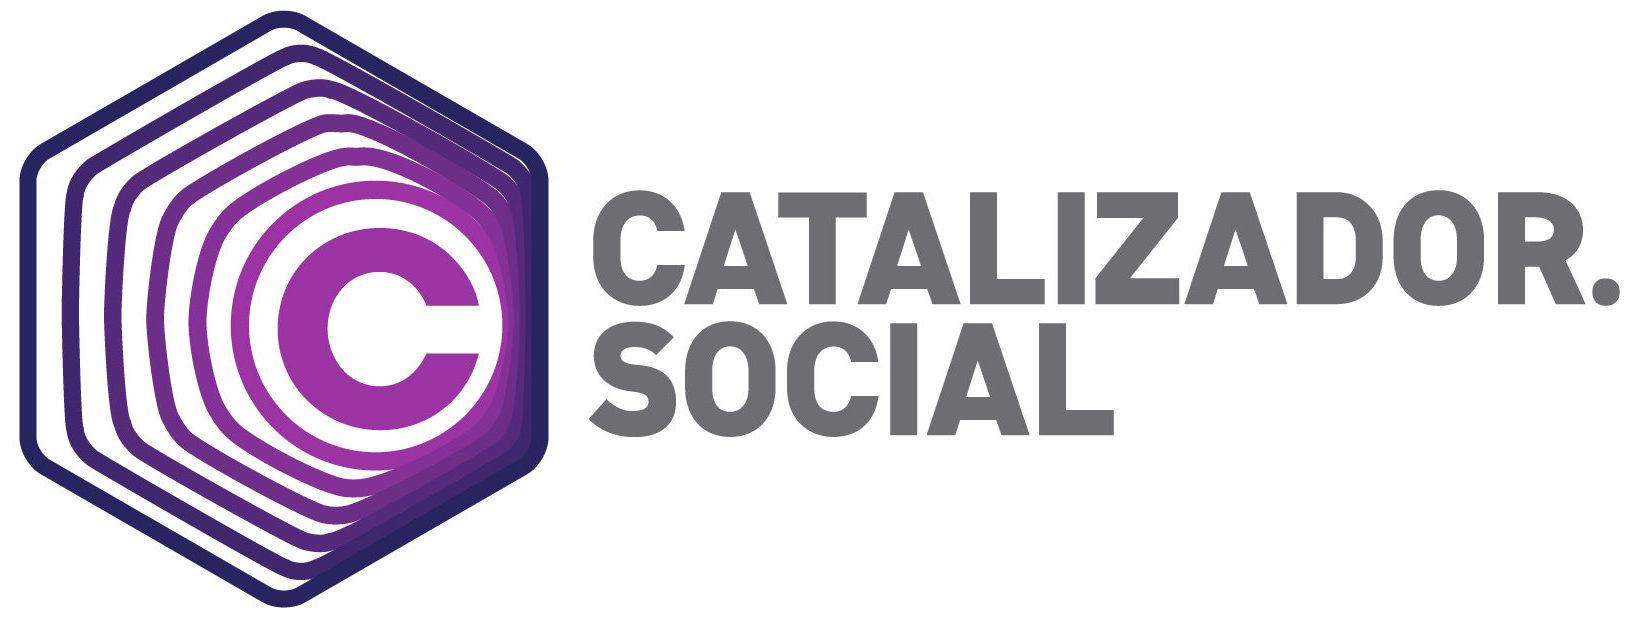 Catalizador.Social